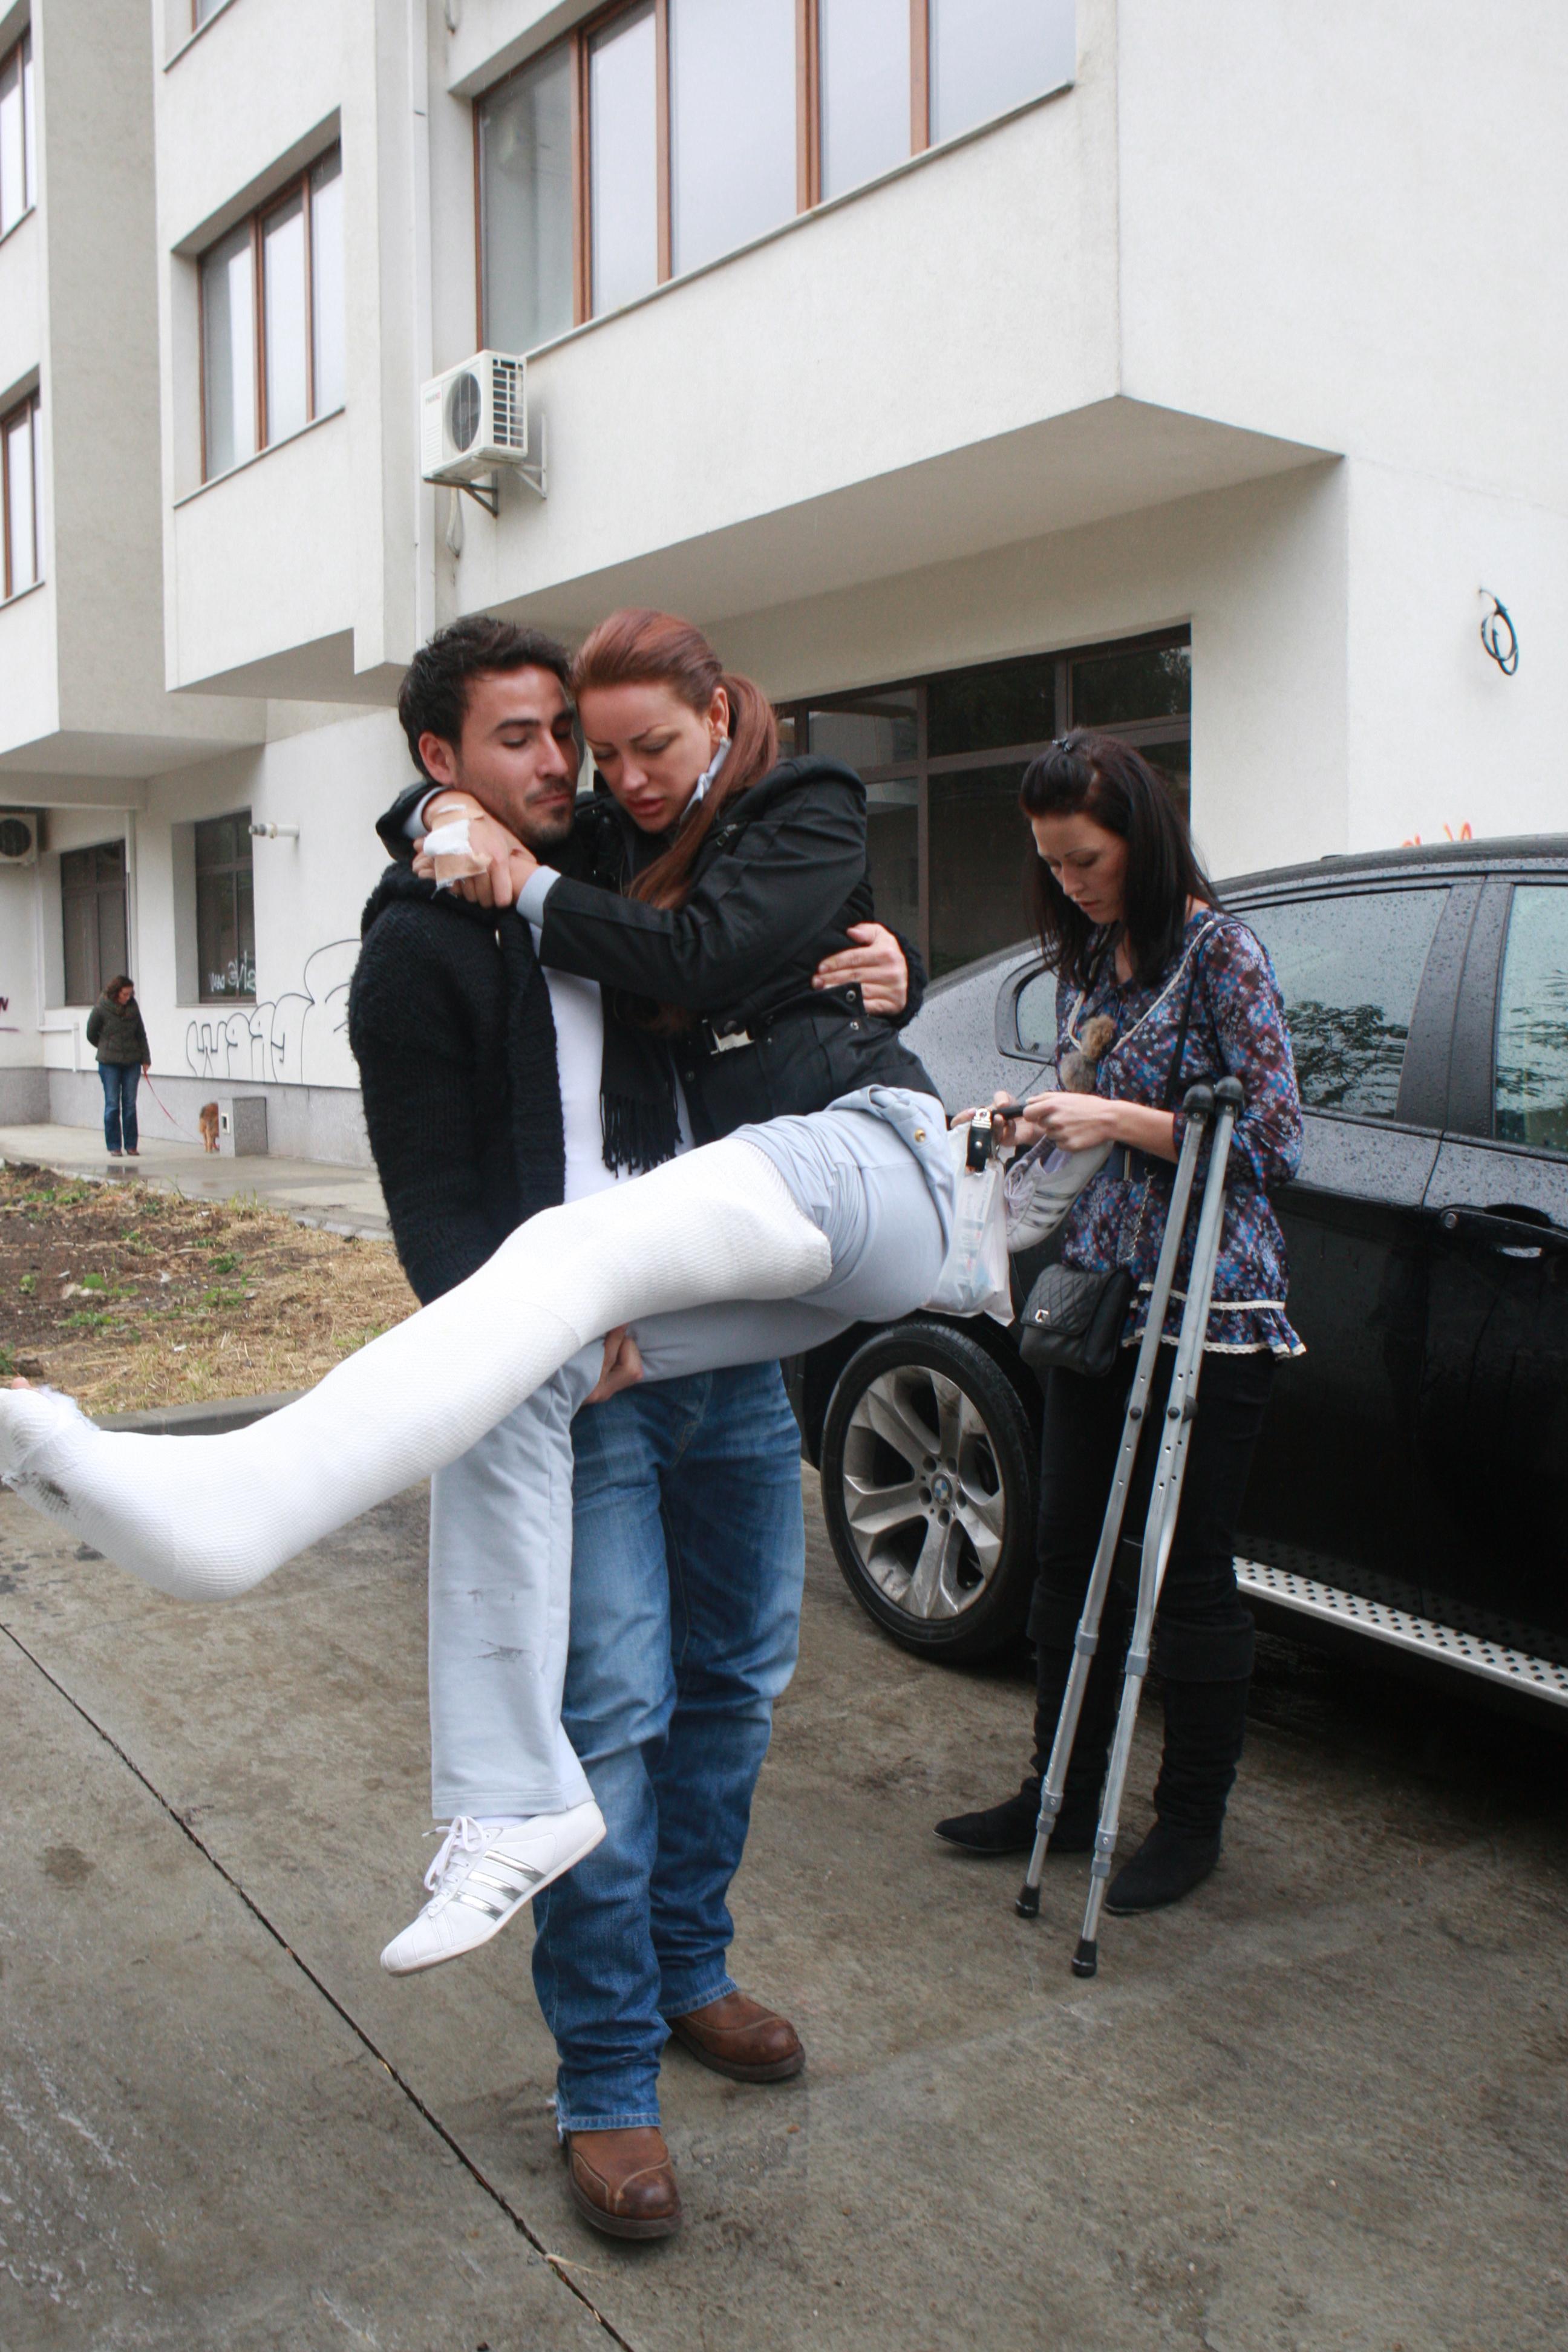 In urma cu fix doi ani, Bianca si-a rupt piciorul in urma unui accident stupid. Alaturi i-a stat Cristea